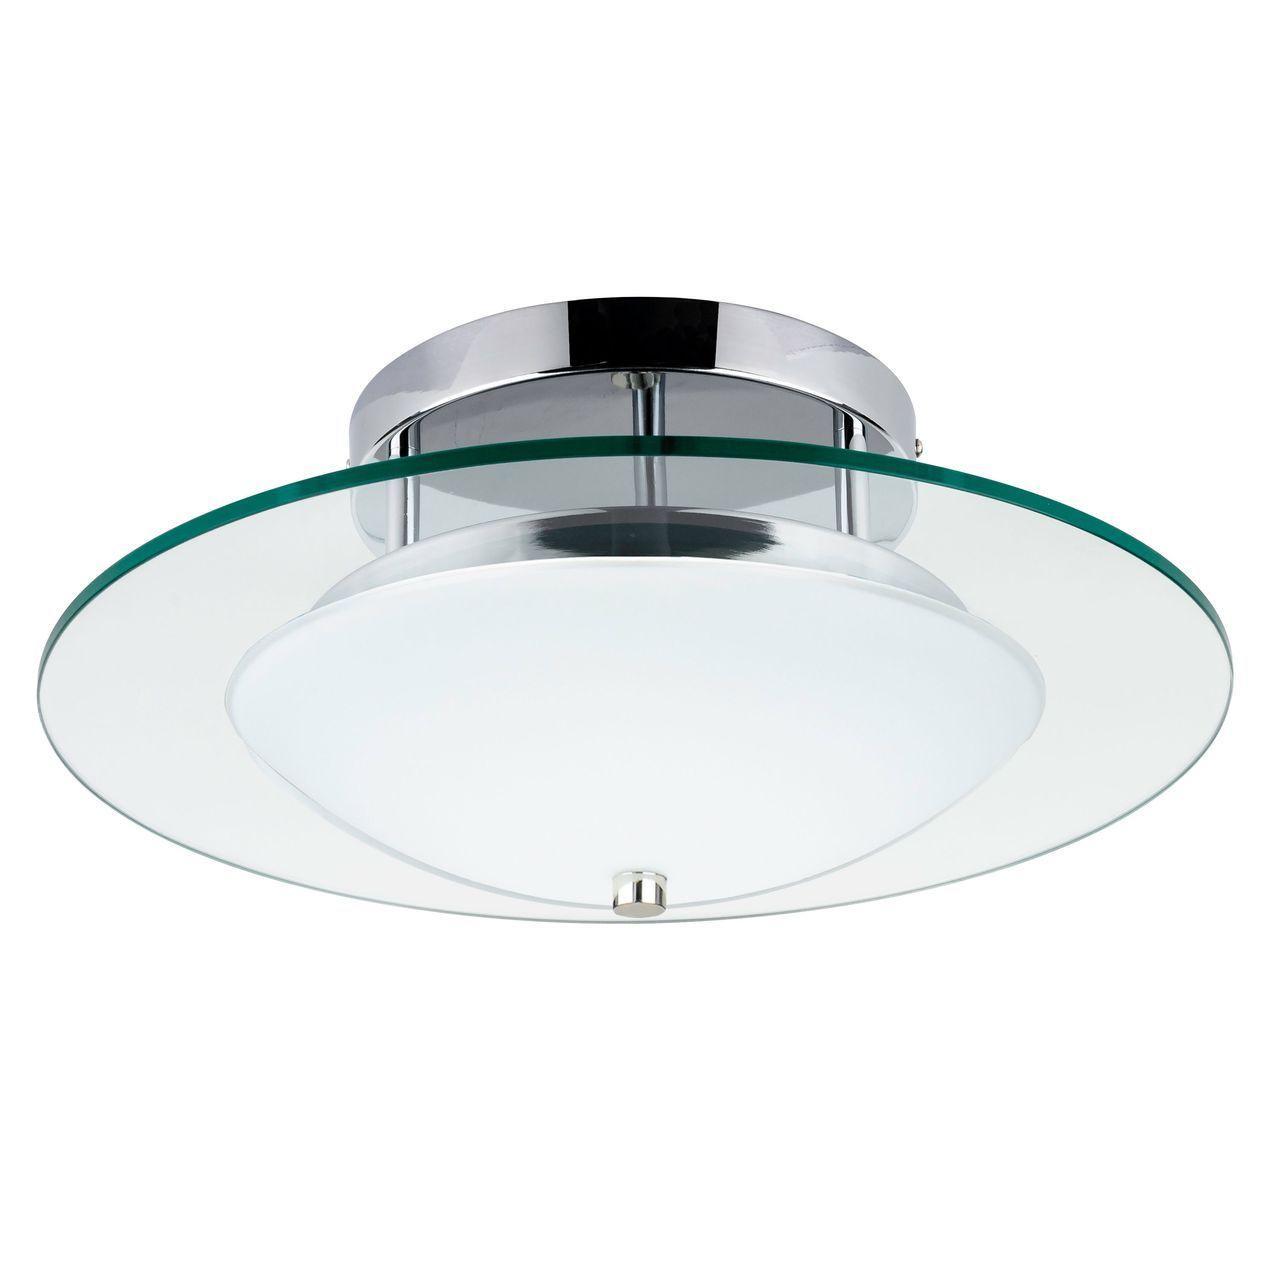 Купить Потолочный светодиодный светильник Spot Light Minnesota, inmyroom, Польша